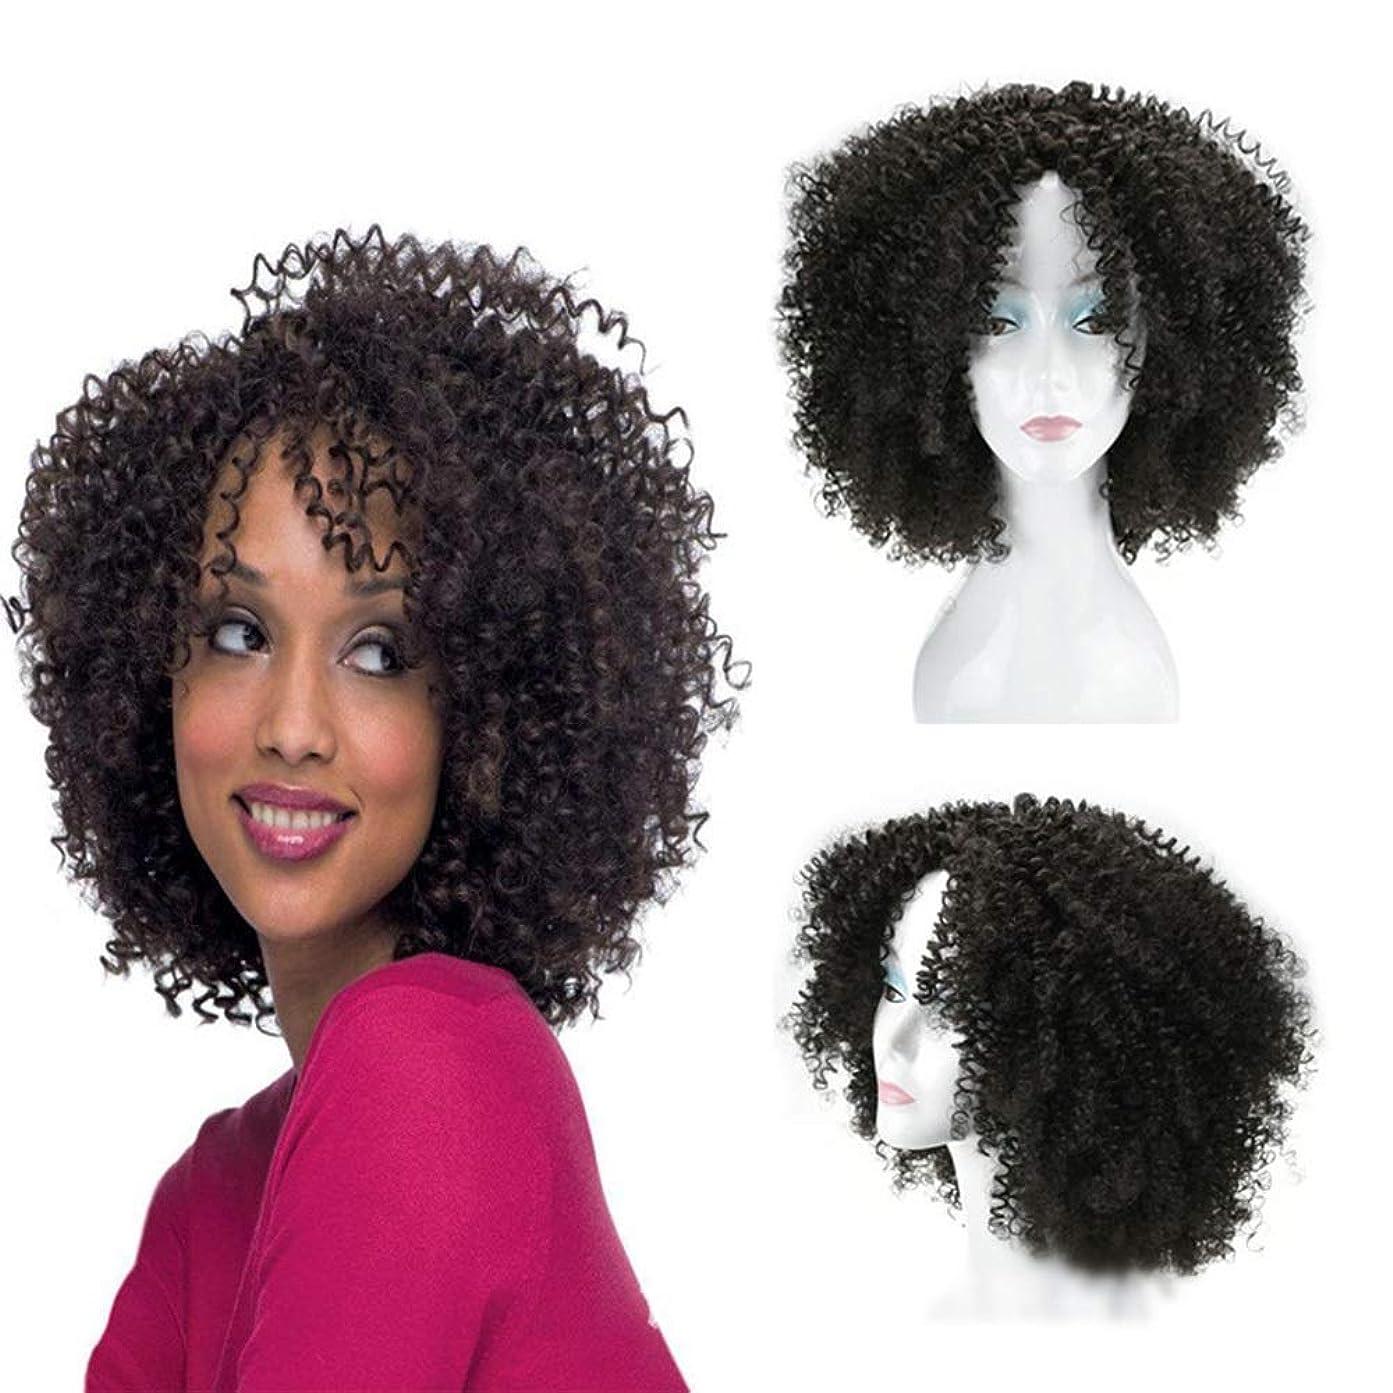 違法アプト勢いYrattary 16インチ変態カーリーブラック爆発ヘッド女性のアフリカの小さな巻き毛毎日コスプレパーティードレス小さな巻き毛のかつら (色 : ブラック)